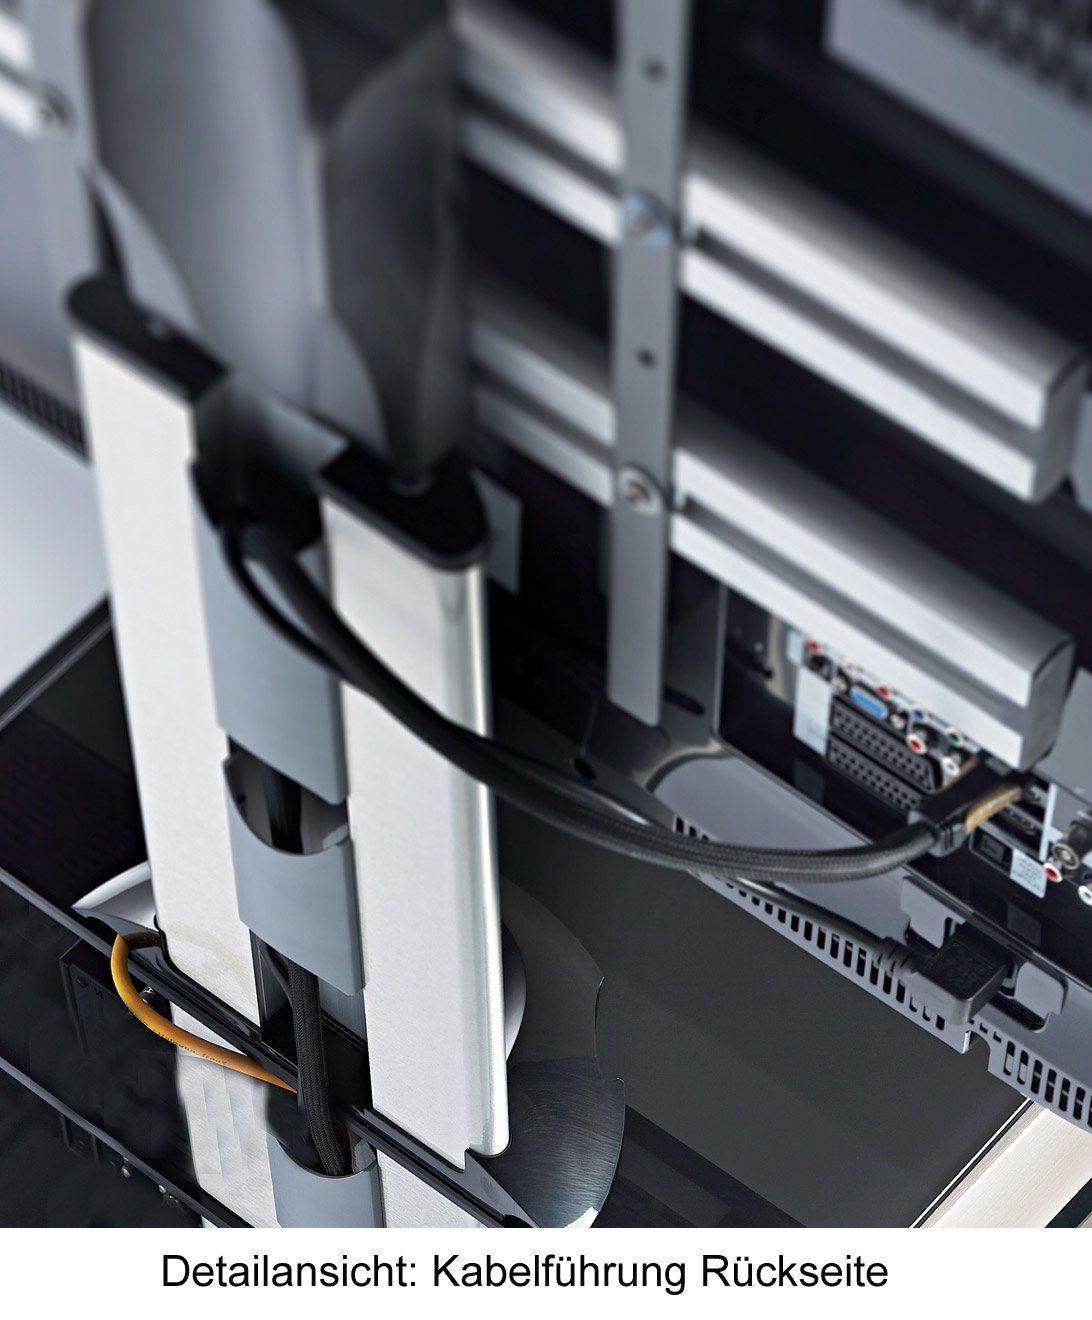 VCM TV-Standfuß ´´Amalo Mini´´ | Wohnzimmer > TV-HiFi-Möbel > Ständer & Standfüße | Aluminium - Sicherheitsglas - Klarglas - Schwarzglas | VCM